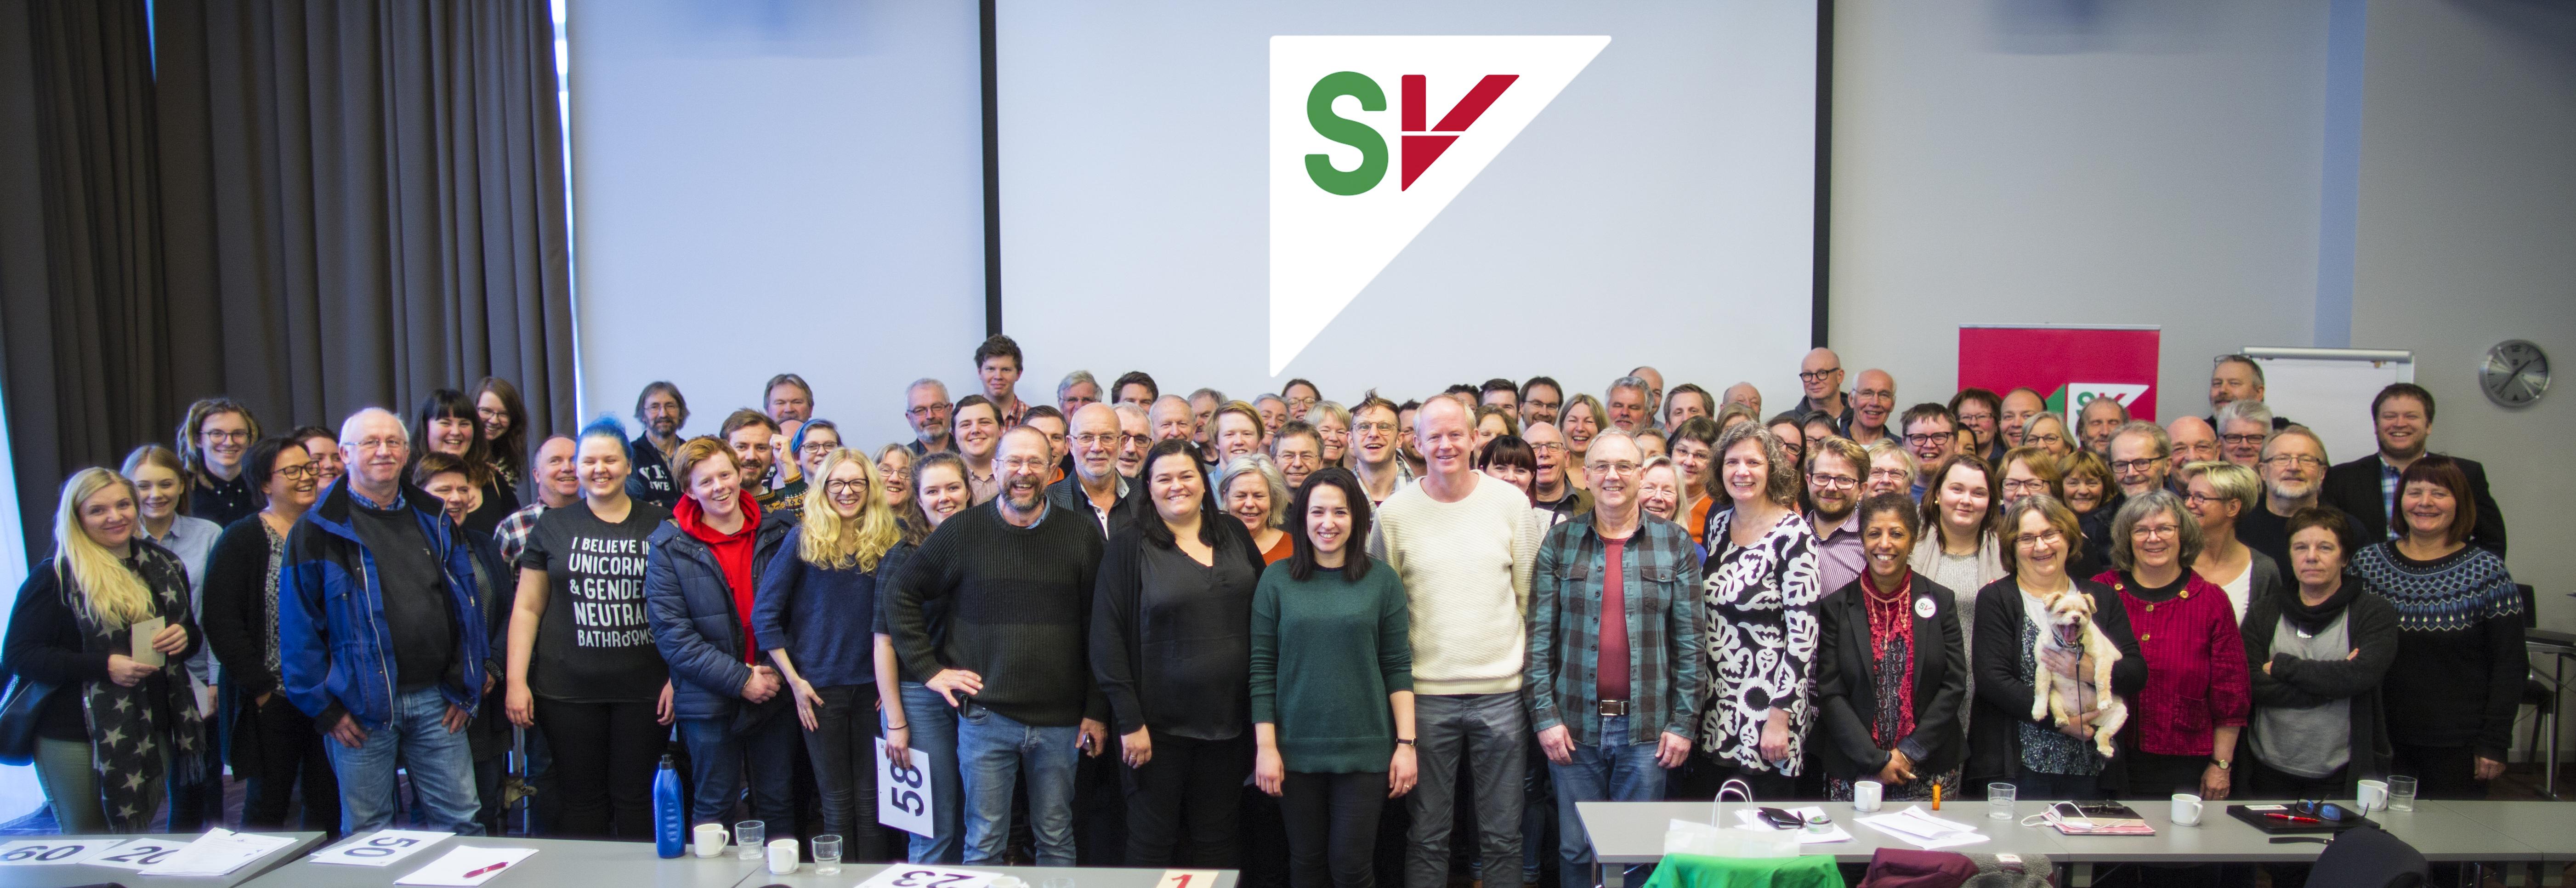 Sakspapirer årsmøte for Sør-Trøndelag SV 3.-4. februar